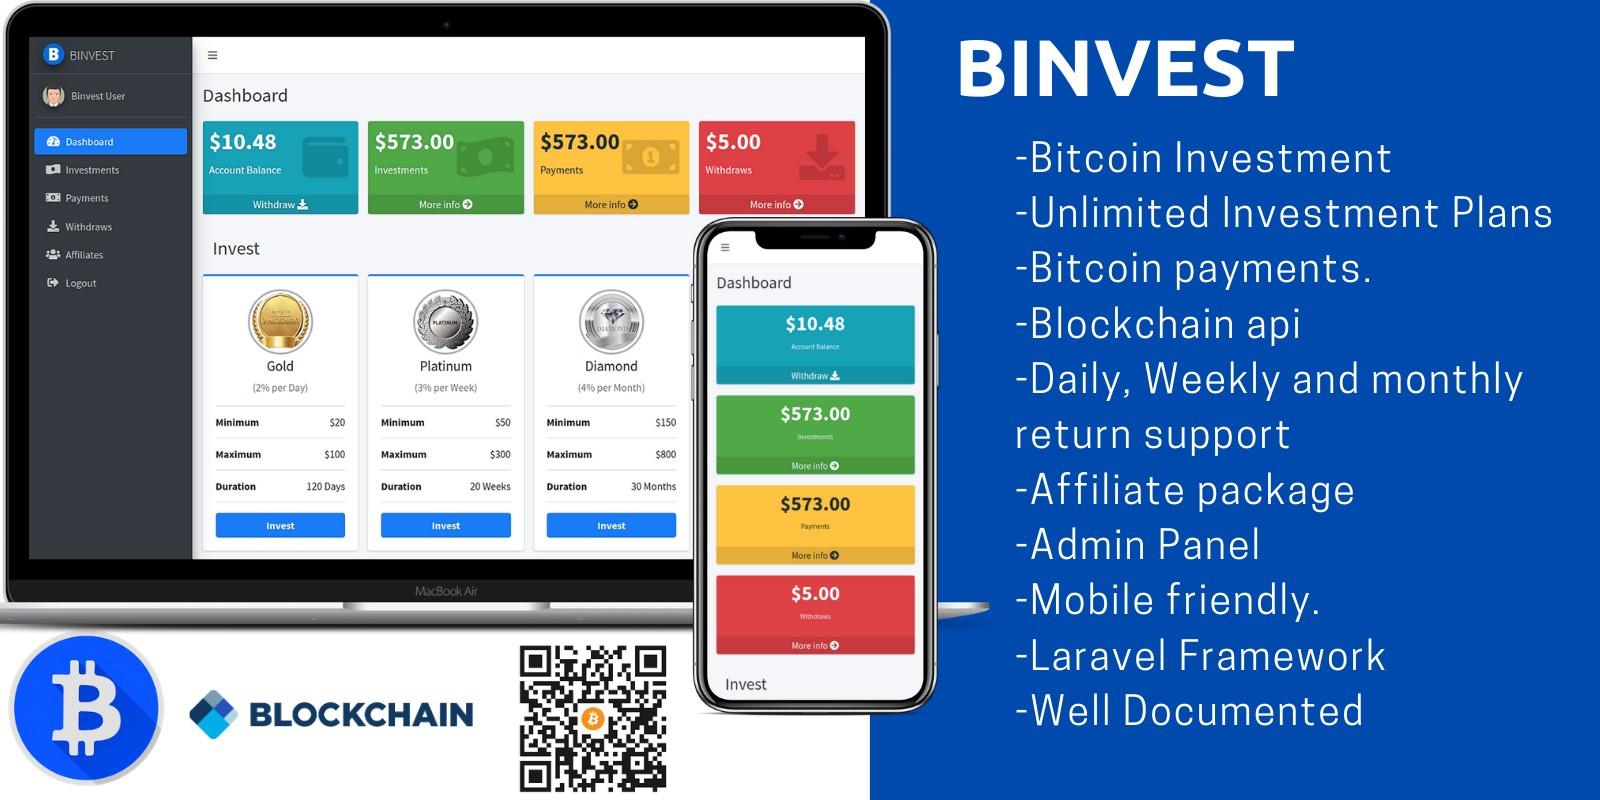 Binvest - Bitcoin Investment Platform